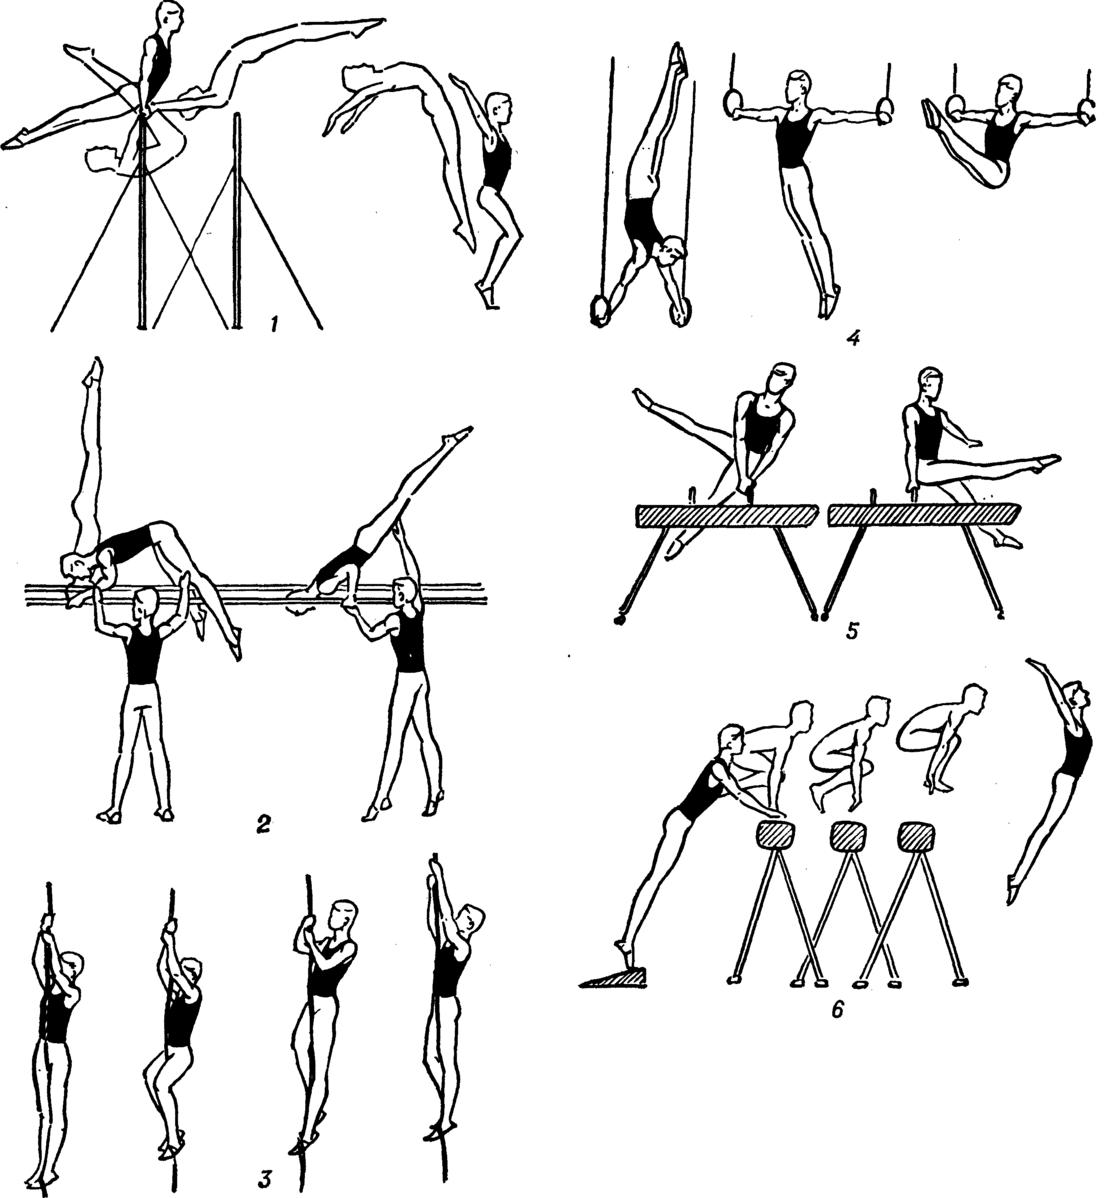 обучение гимнастике по картинками нетрадиционных